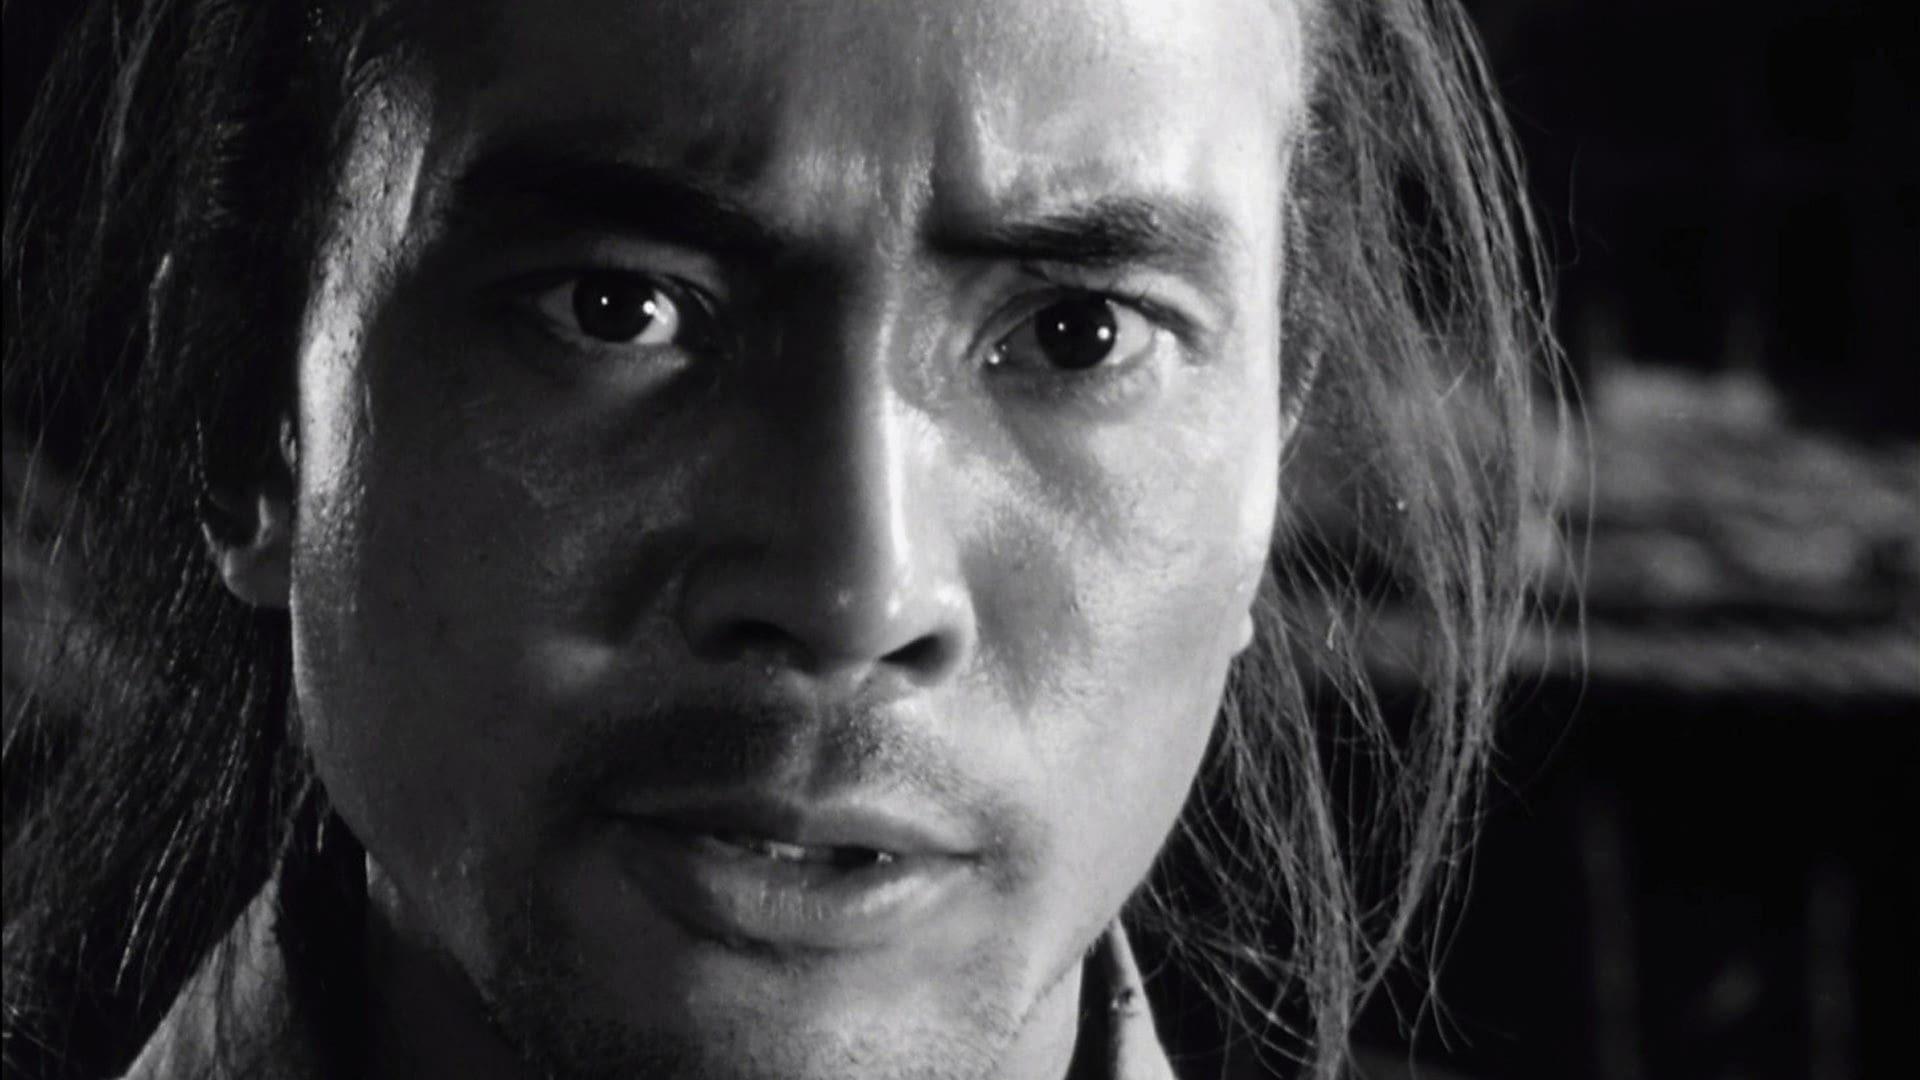 Кадры из фильма Семь самураев Shichinin no samurai 1954